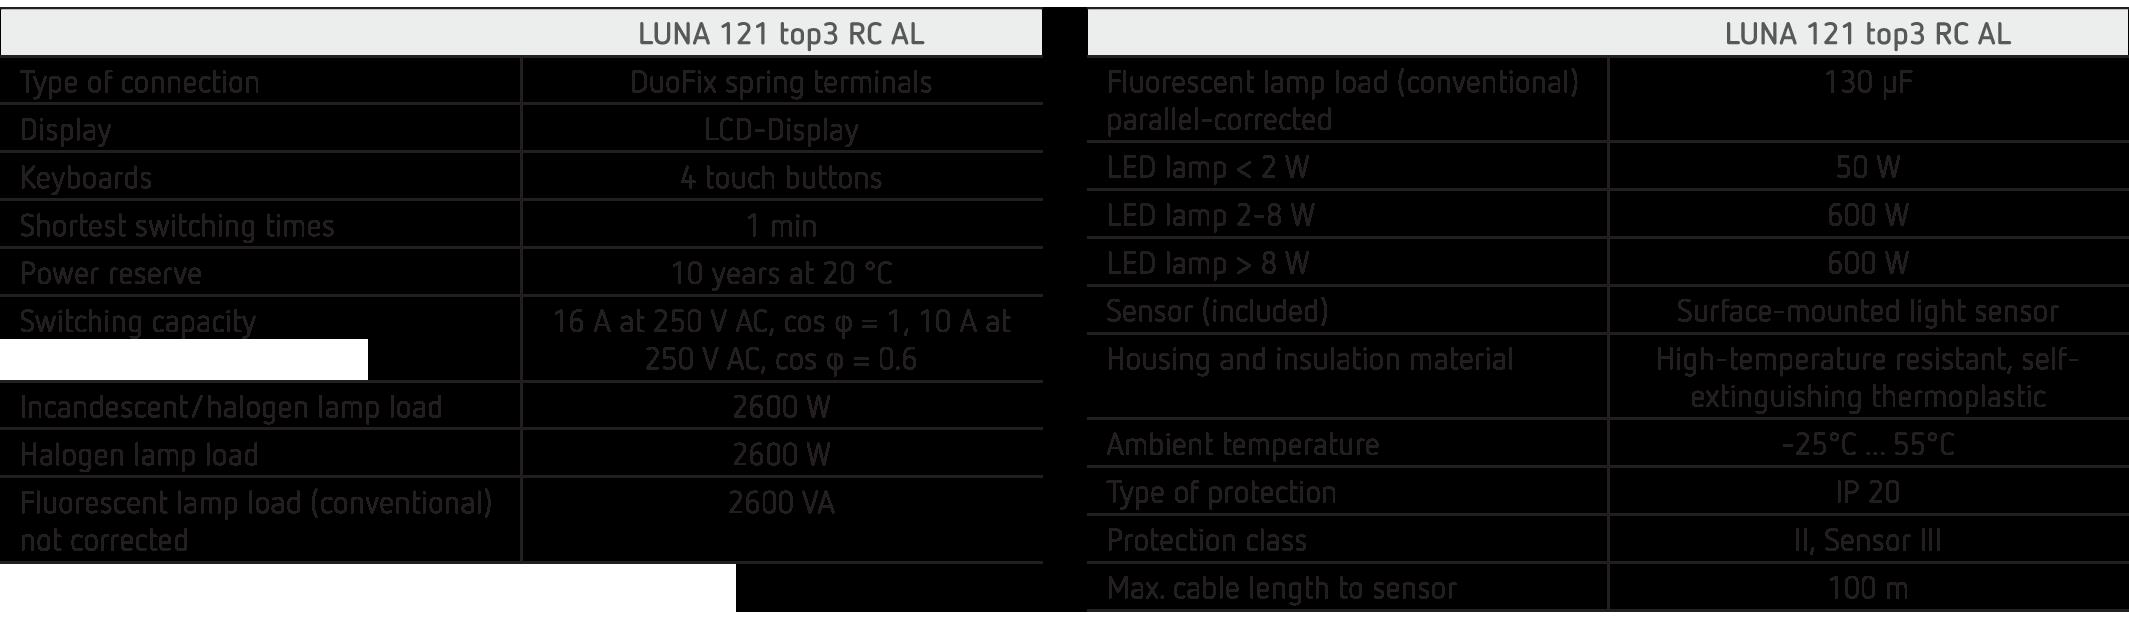 Luna 121 top3 RC AL